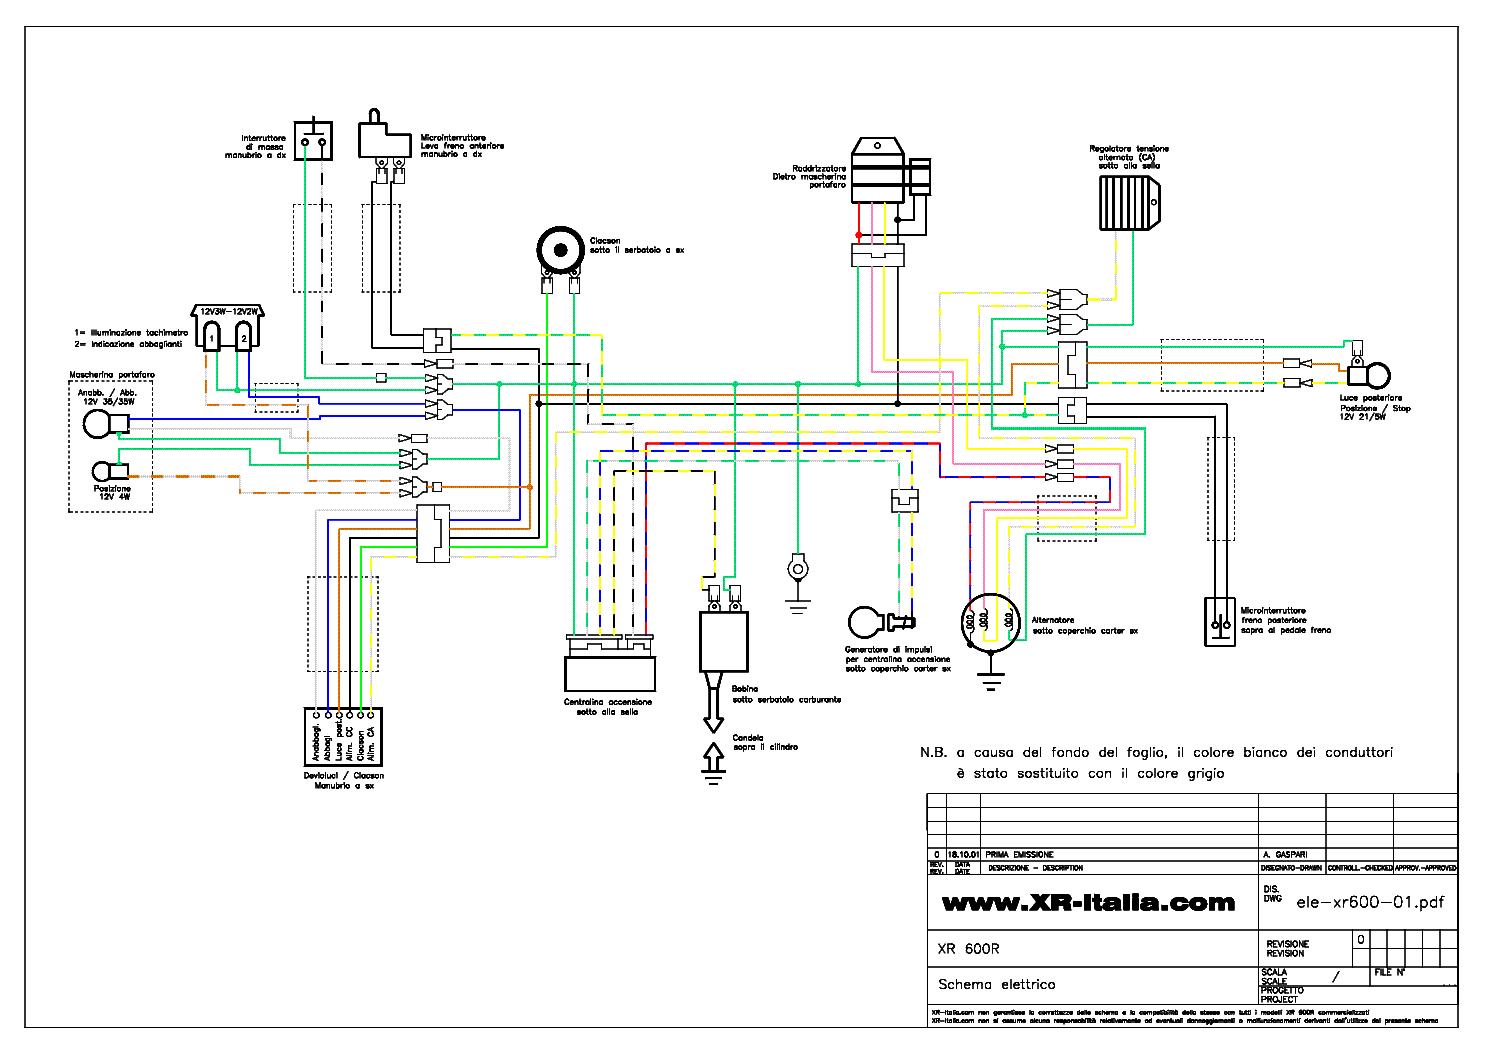 1985 Xr600 Wiring Diagram